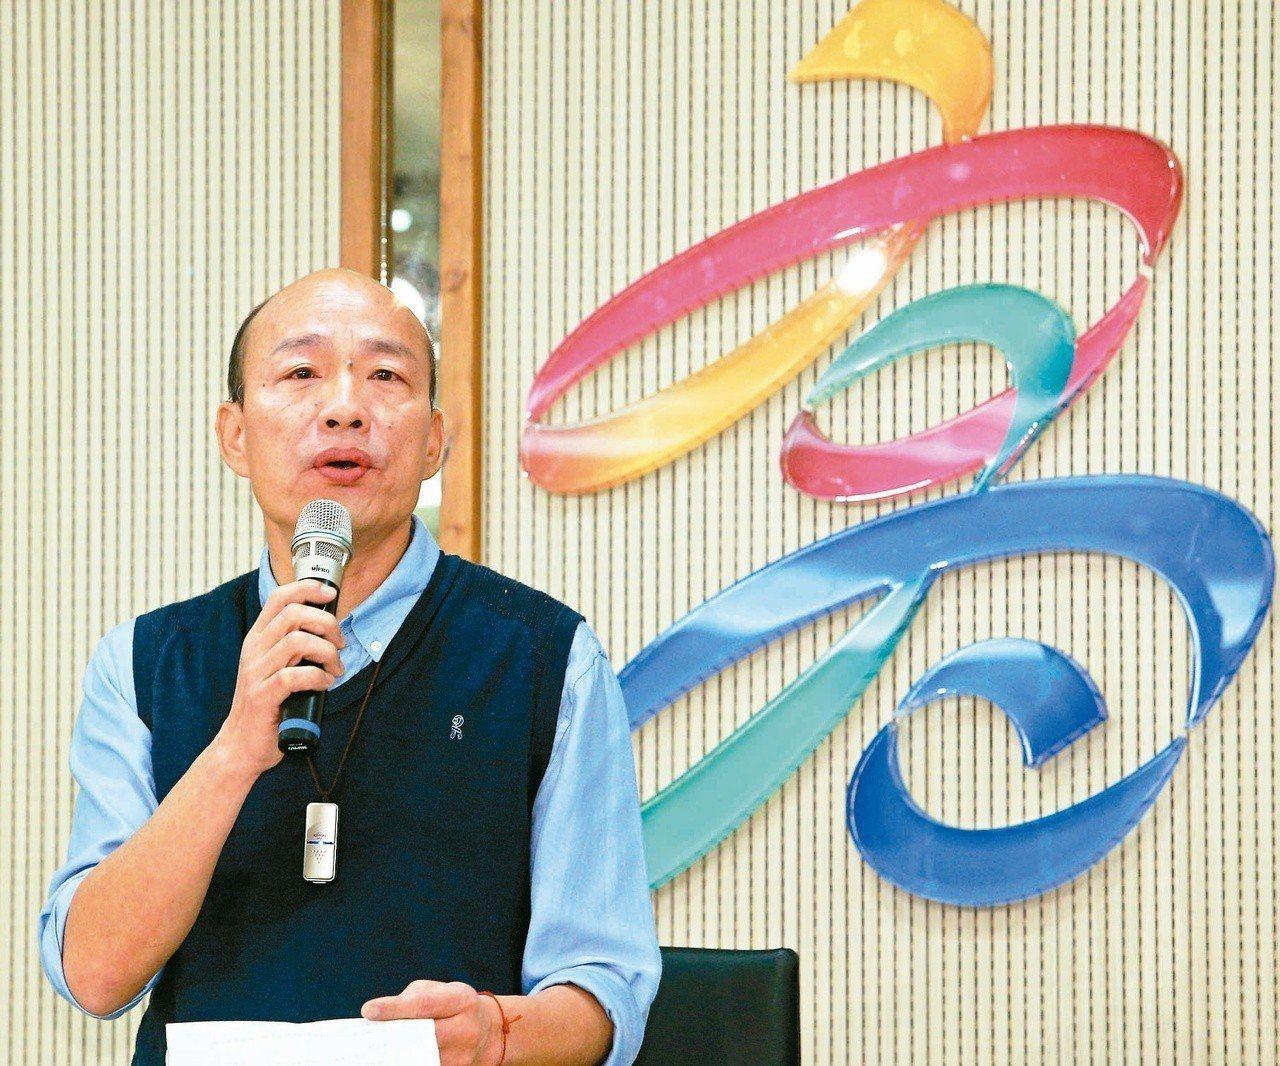 高雄市市長韓國瑜本月推薦高雄出身尤虹文的出版《哈佛教我的18堂人生必修課》,作為...